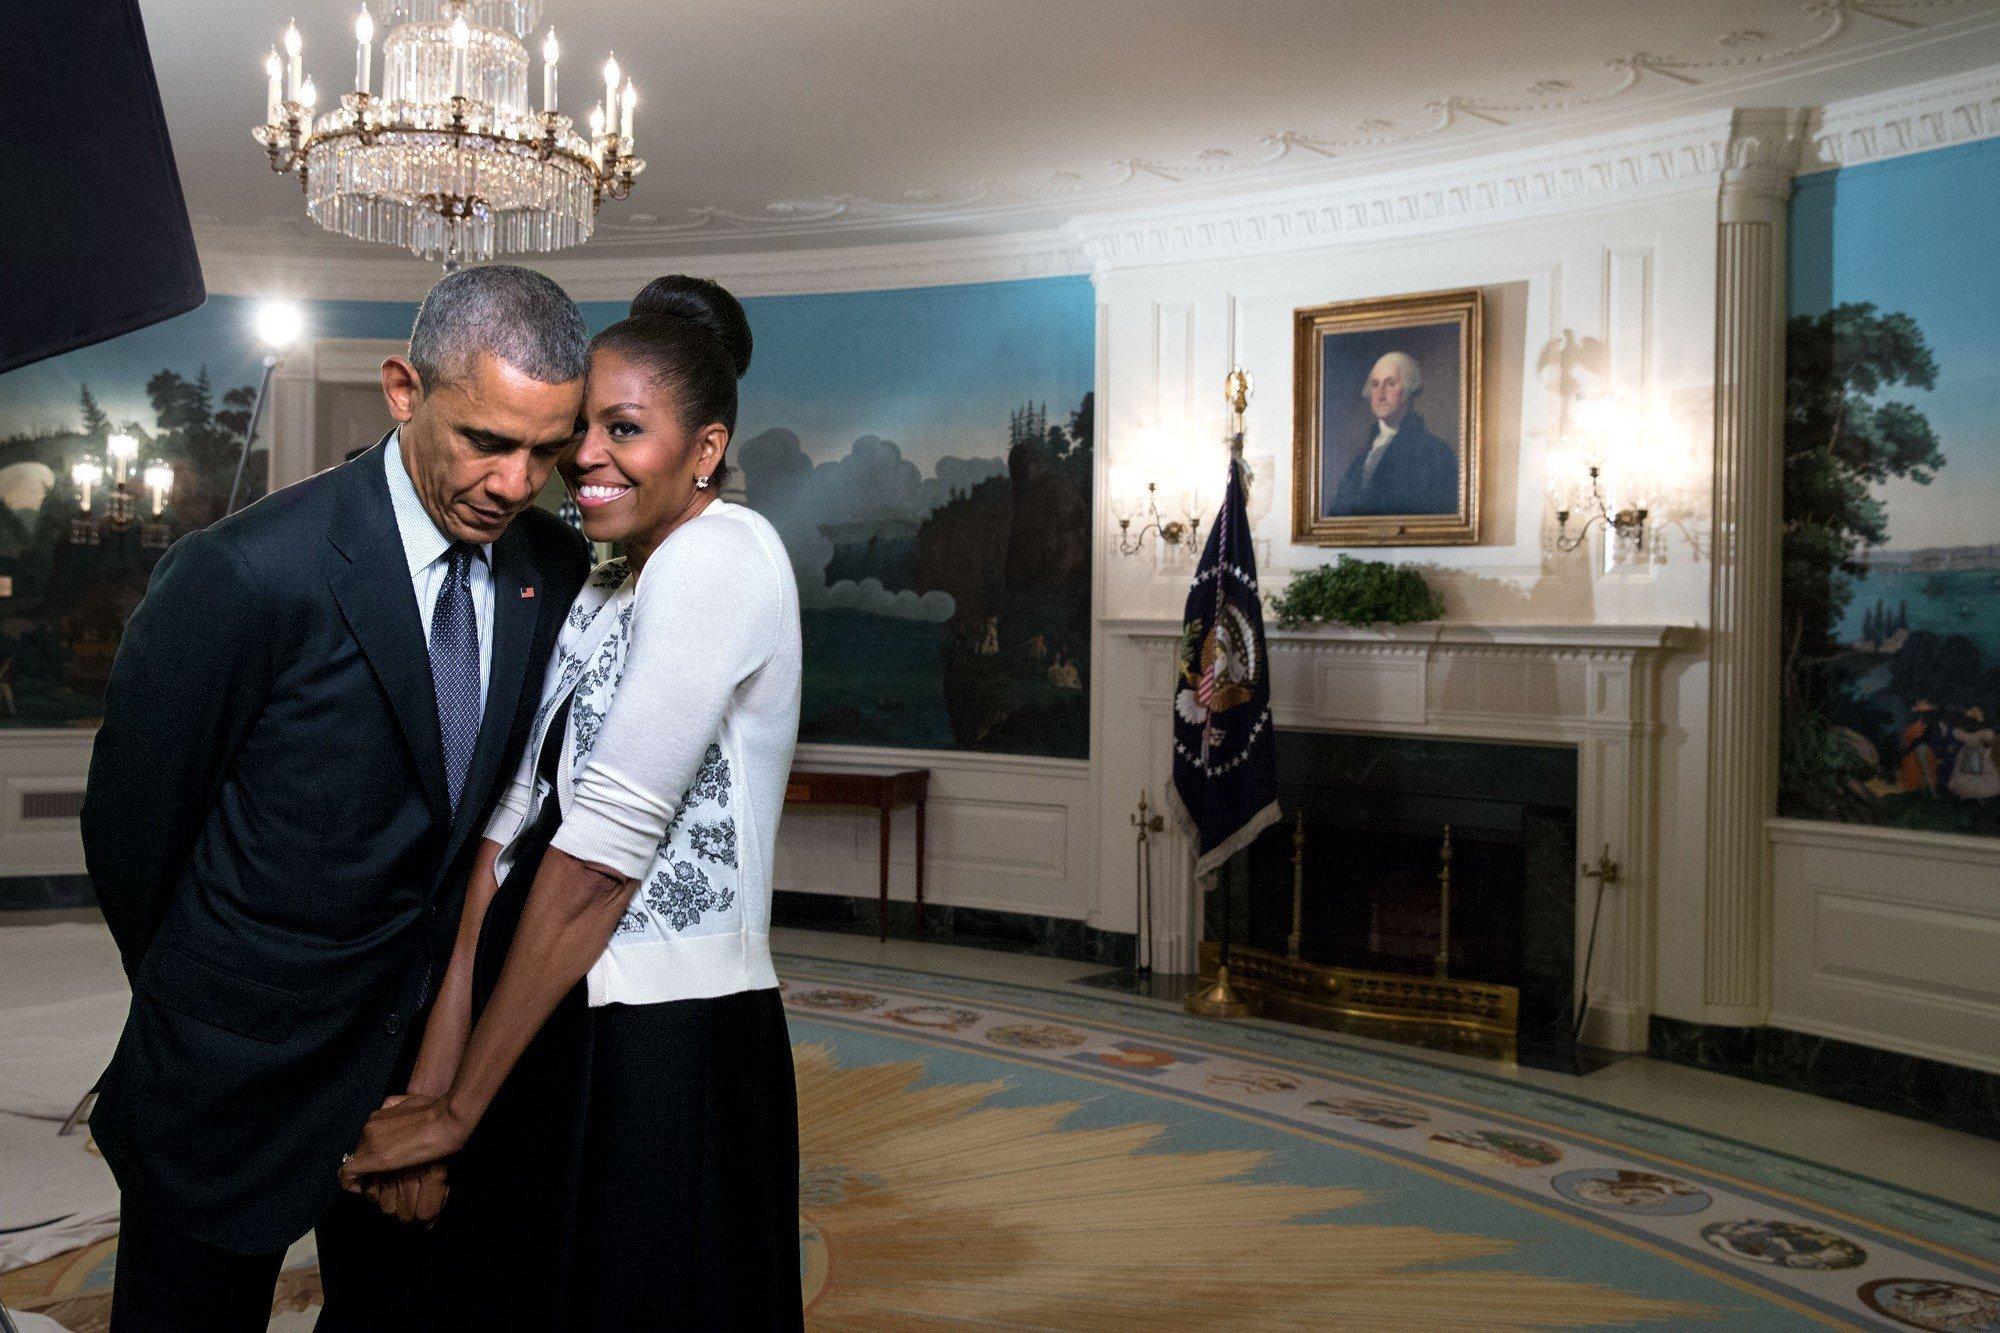 El fotógrafo de Obama recuerda a los Trump cómo darse la